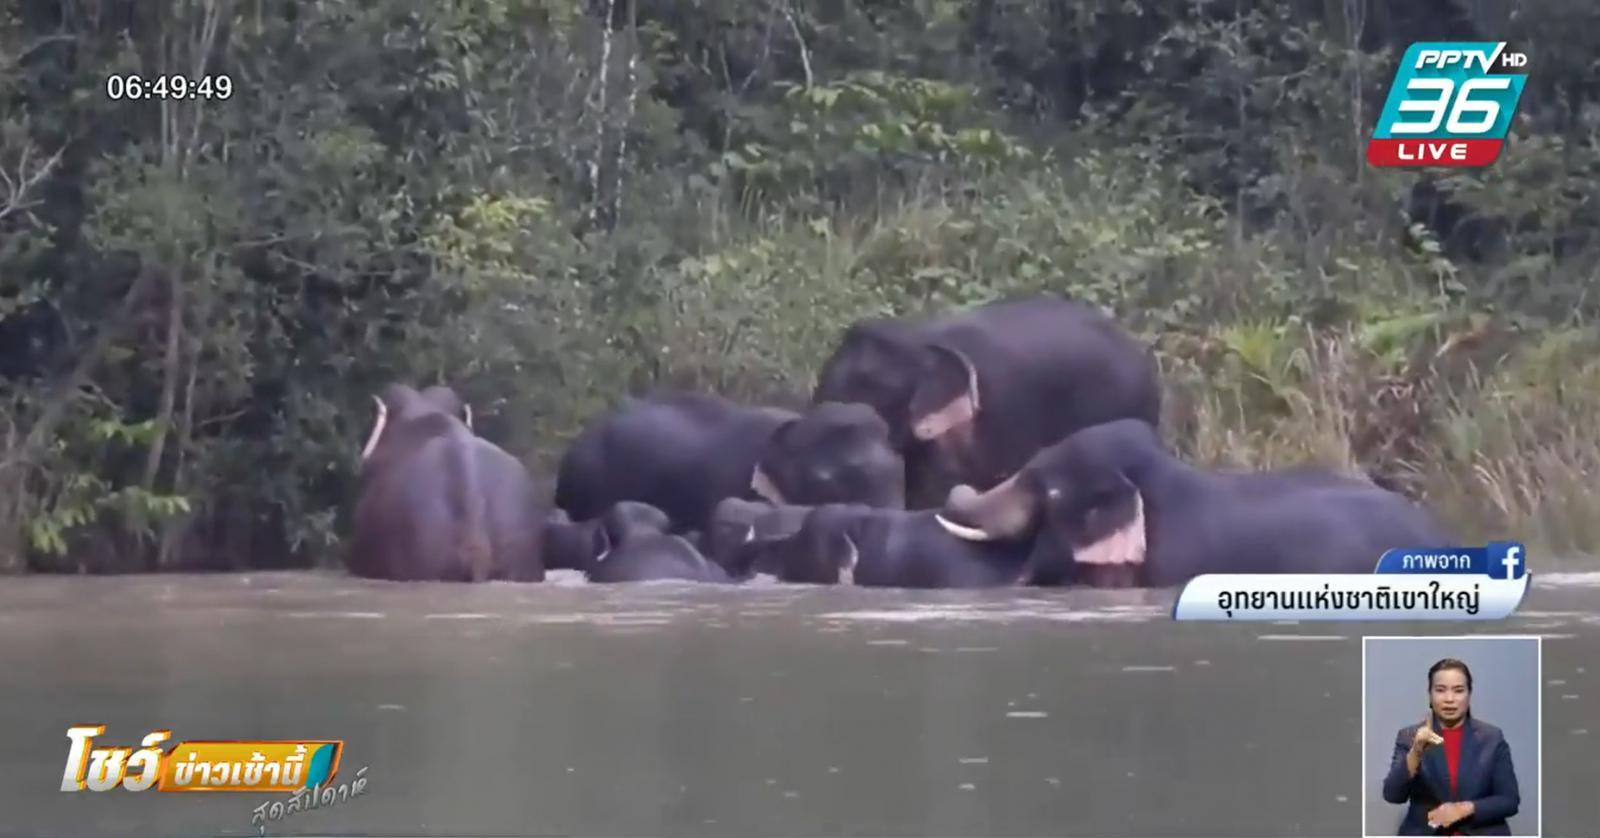 ธรรมชาติ-สัตว์ป่าฟื้นตัว หลังปิดเขาใหญ่ 1 เดือน